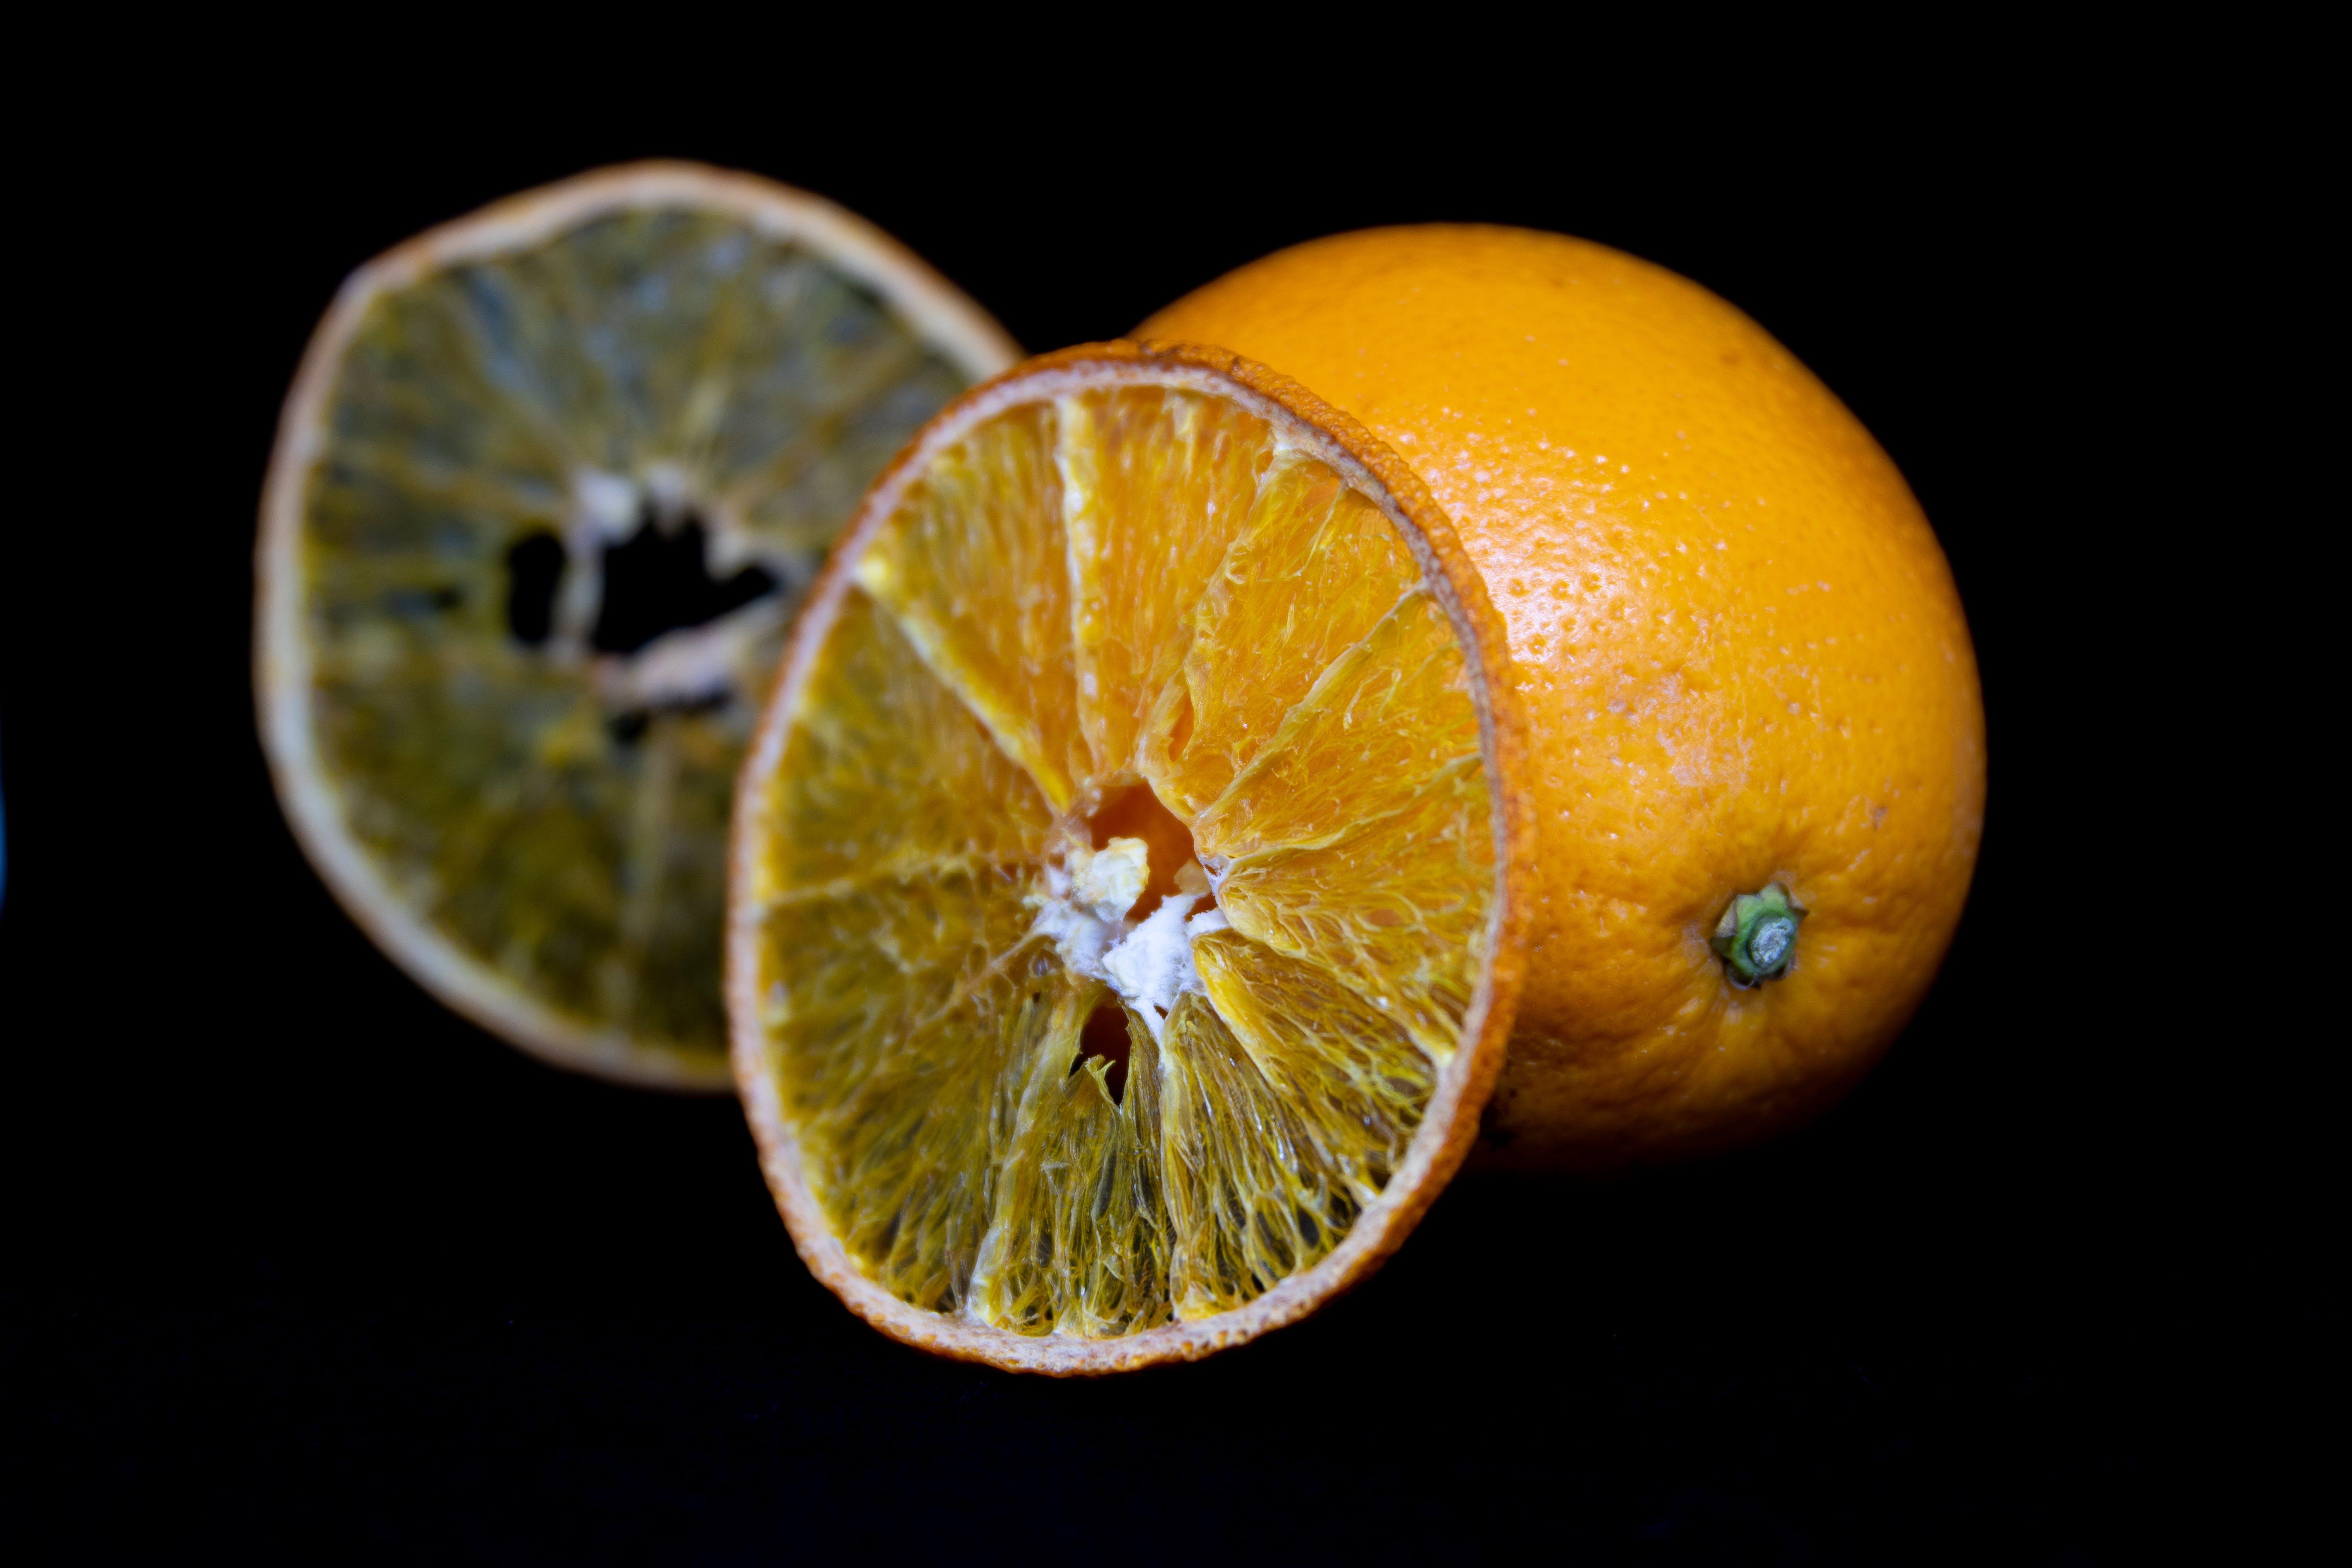 dilimler, Gıda, lezzetli, meyve içeren Ücretsiz stok fotoğraf